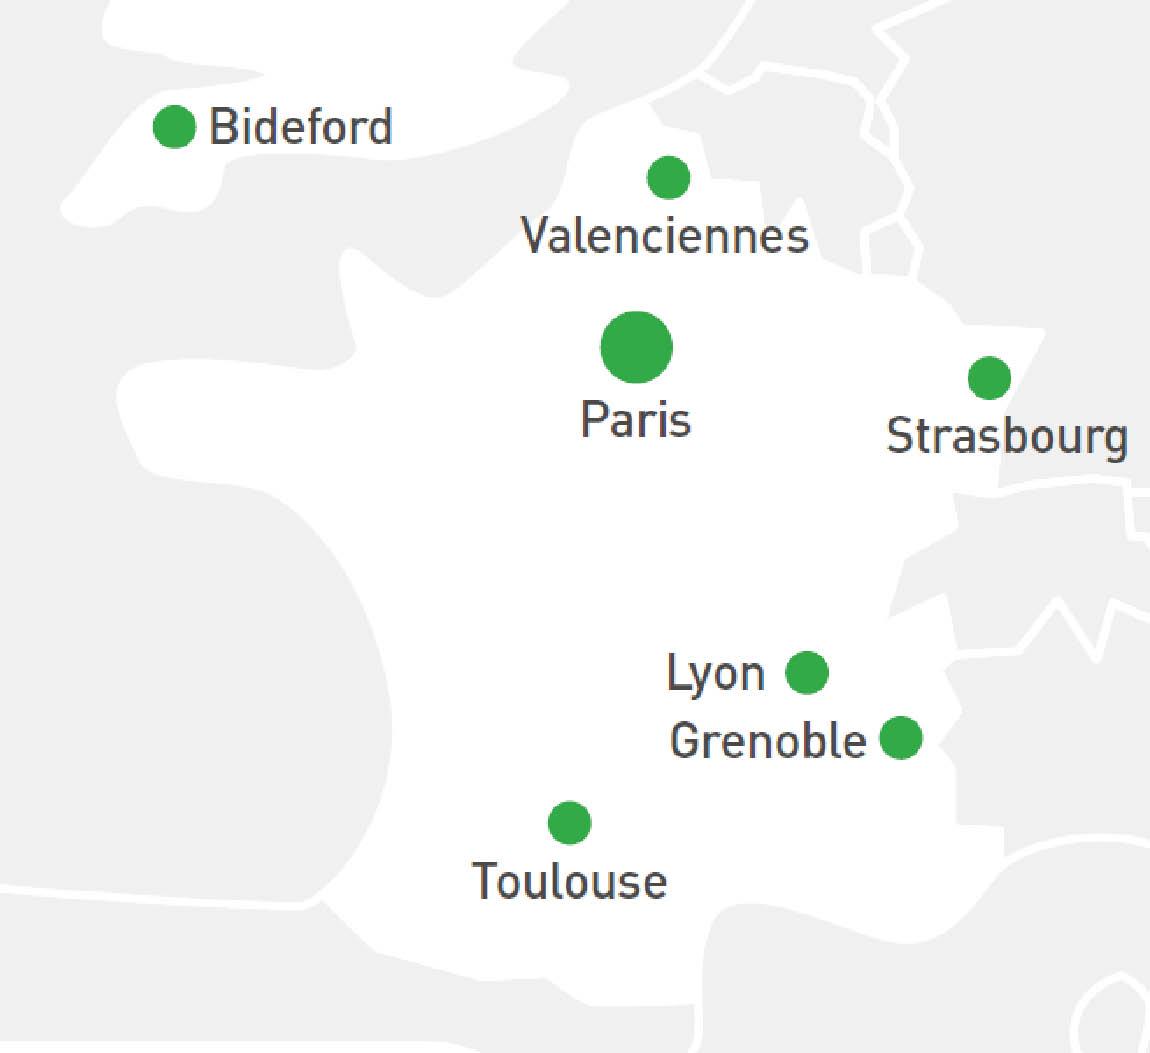 Carte des implantations de Sopemea : Paris, Valenciennes, Lyon, Grenoble et Toulouse en France mais aussi Bideford au Royaume-Uni.